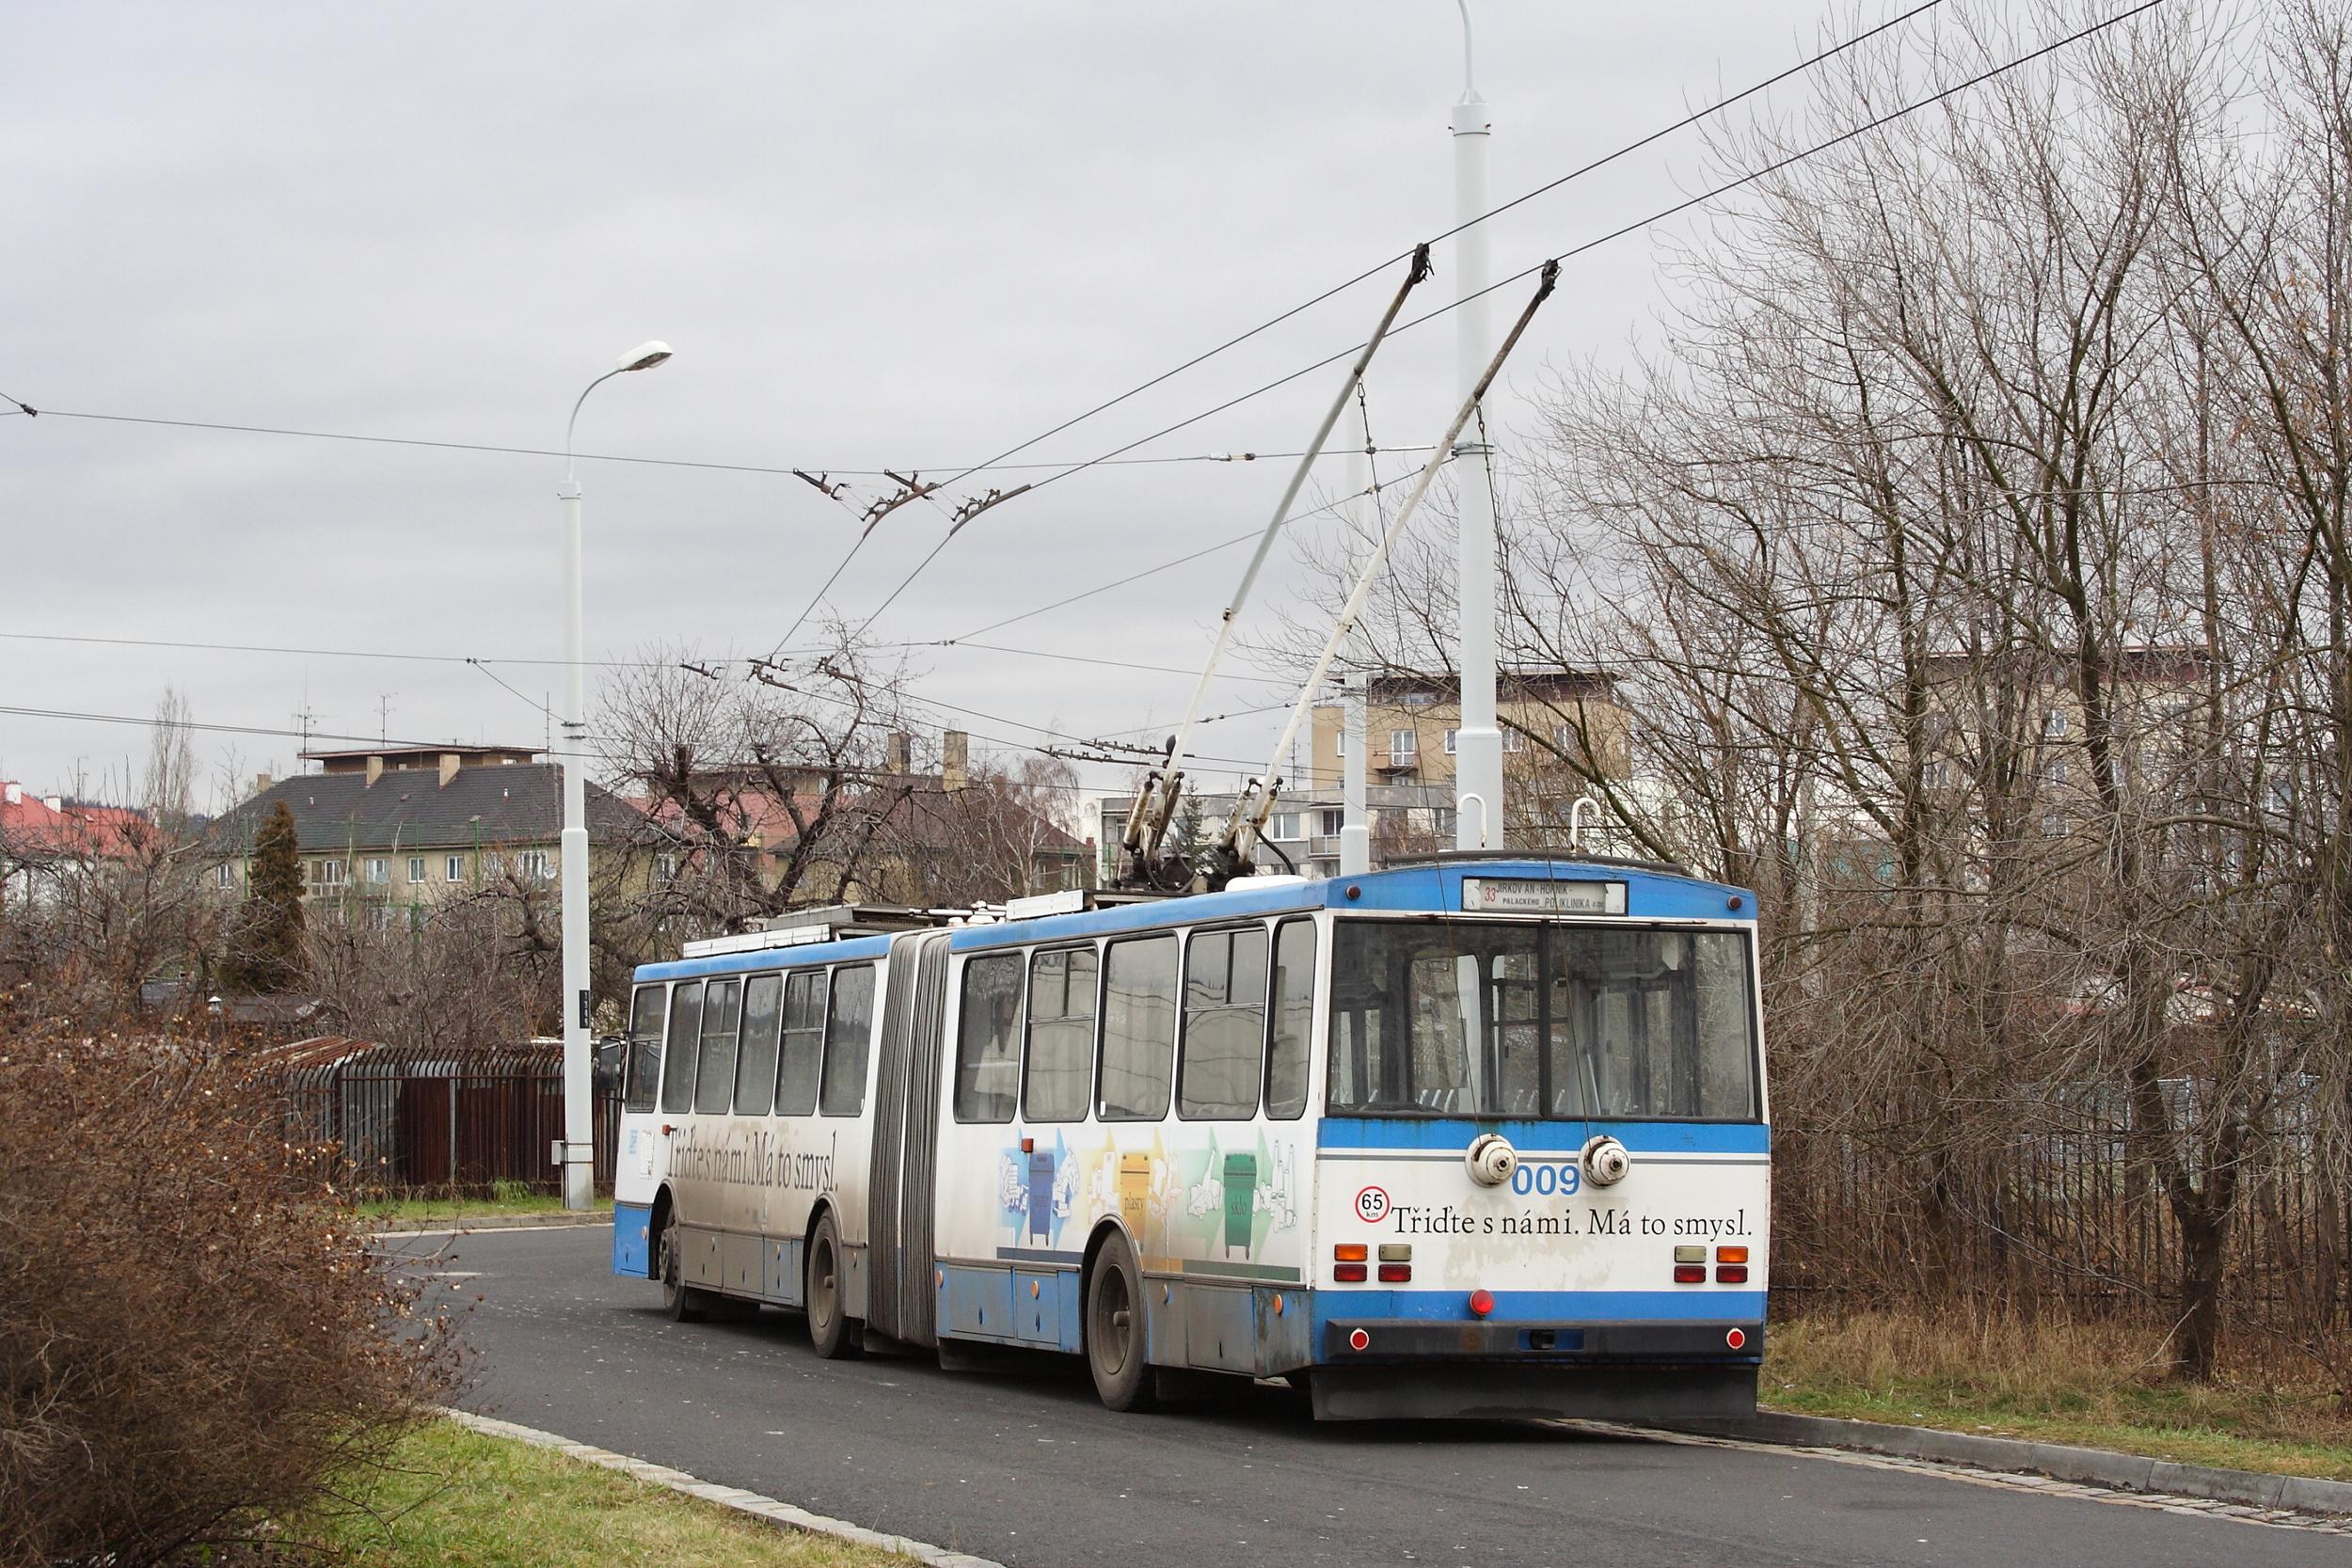 Bude mít ekologická doprava v Jirkově a Chomutově budoucnost? Nebo vyhrají pochybné argumenty?(foto: Petr Nevyhoštěný)